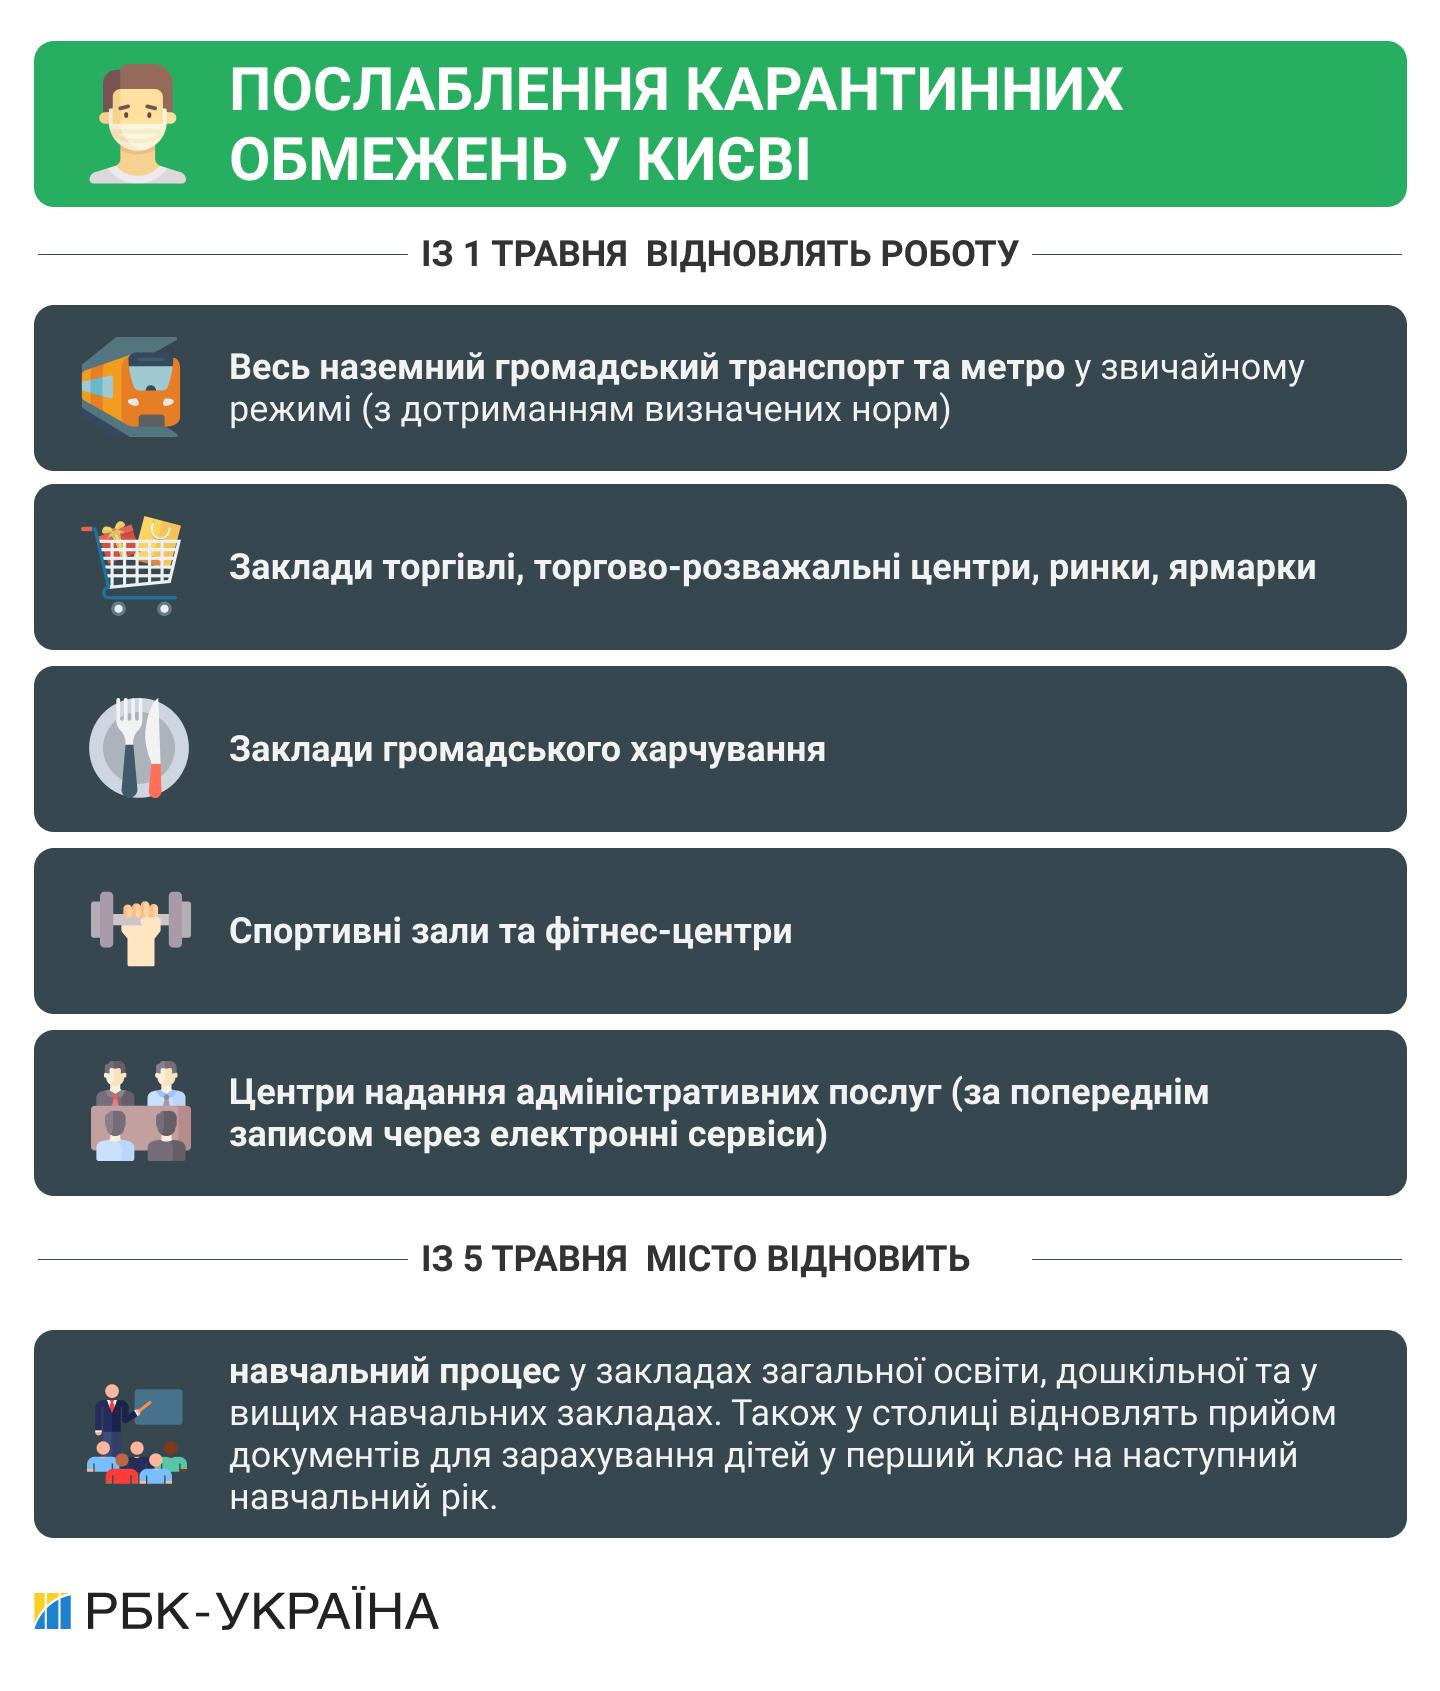 Без спецперепусток. Як працює метро і наземний транспорт у Києві